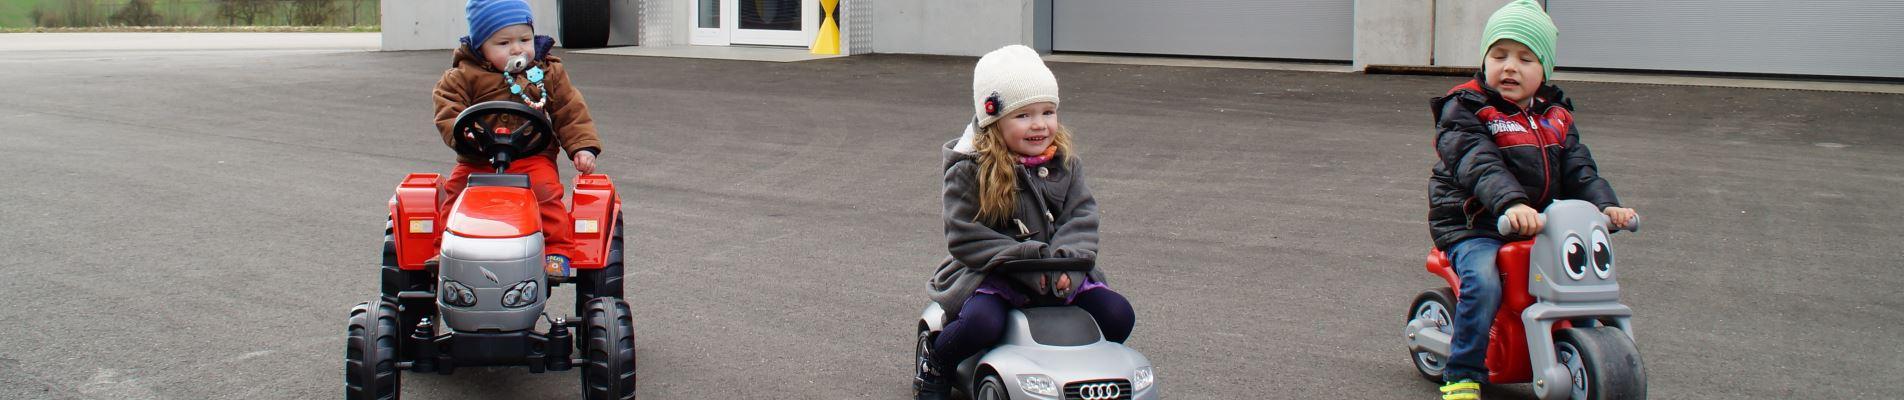 Traktorreifen, LKW-Reifen, PKW-Reifen, Motorradreifen bei HEBA-Reifen in Mistelbach bei Wels